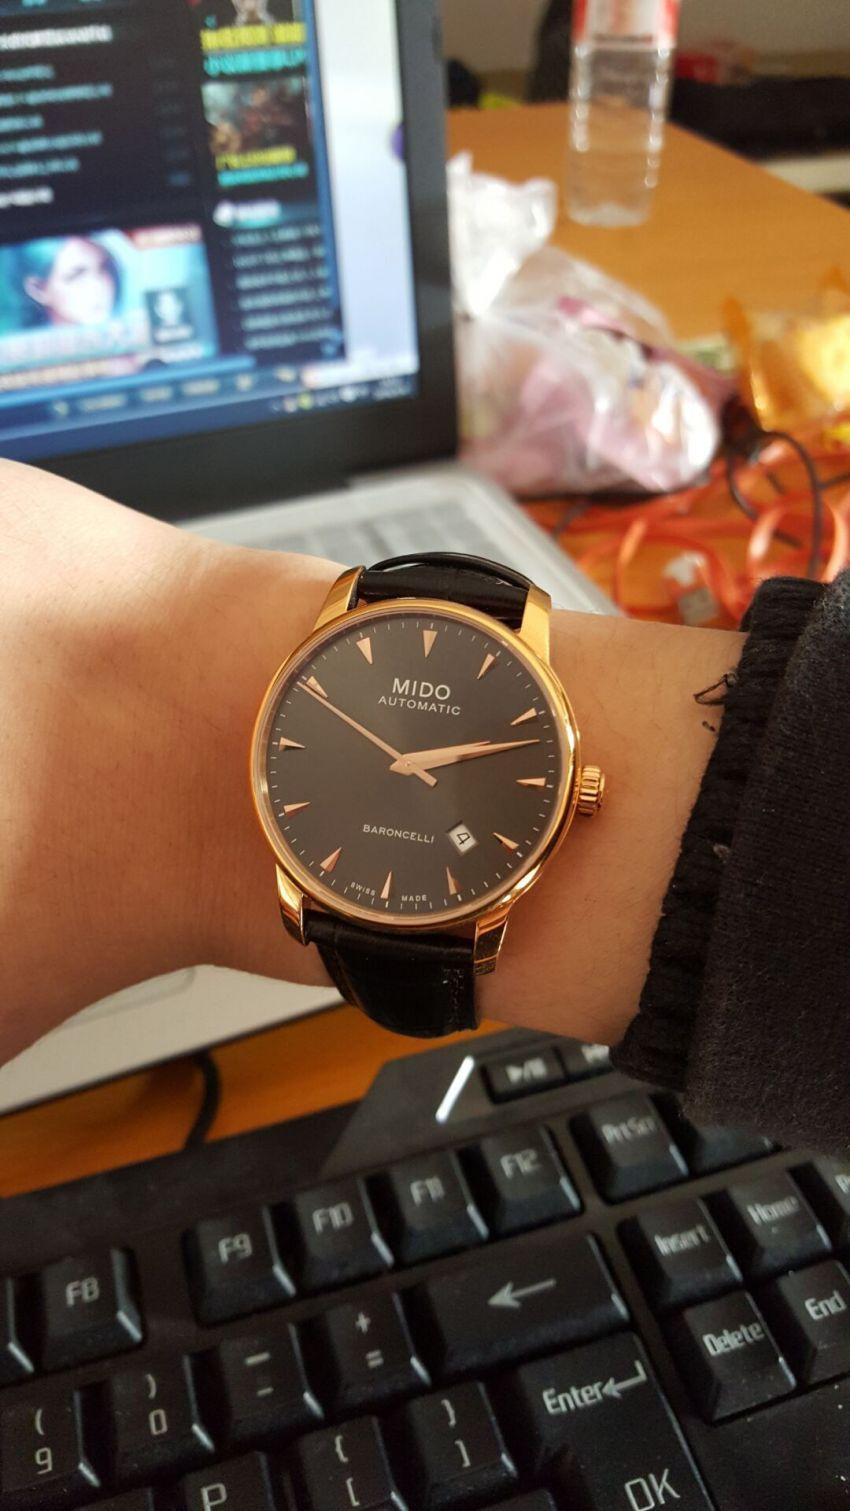 美度M8600.3.13.4手表【表友晒单作业】整体来说还...